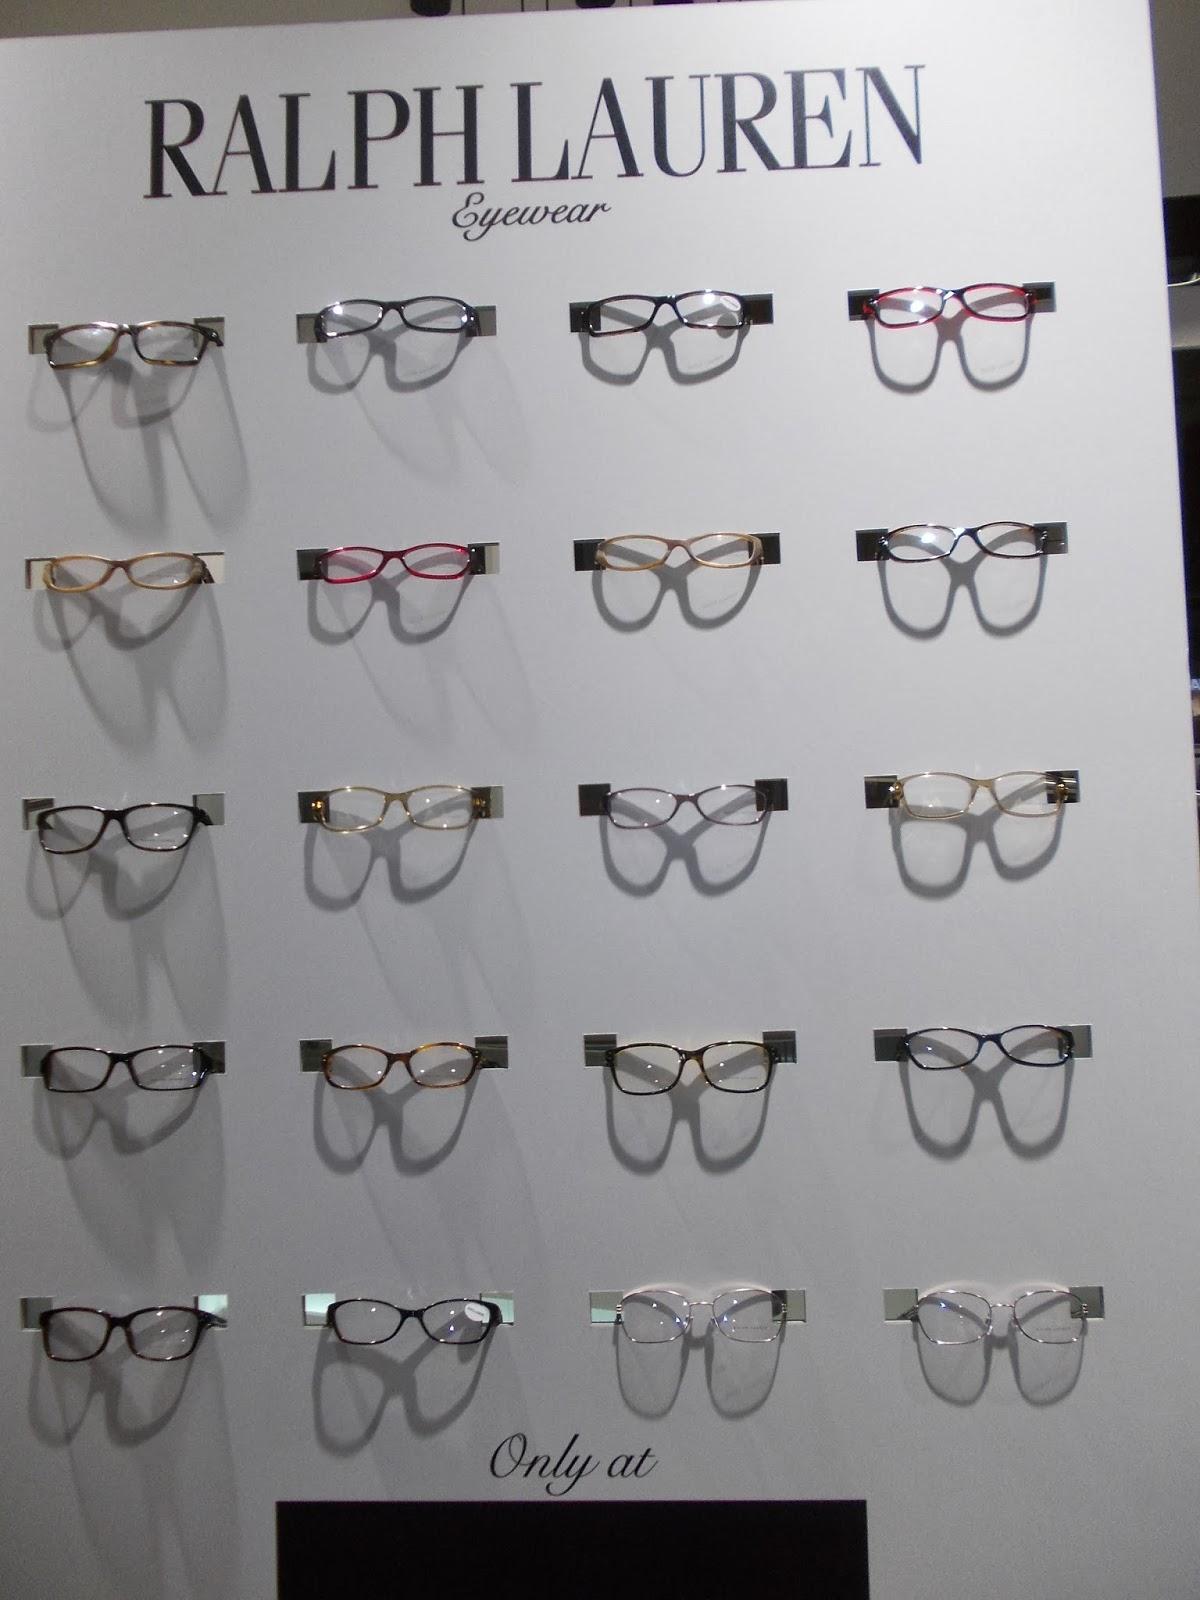 9803681497 Ralph Lauren Eyewear at Vision Express